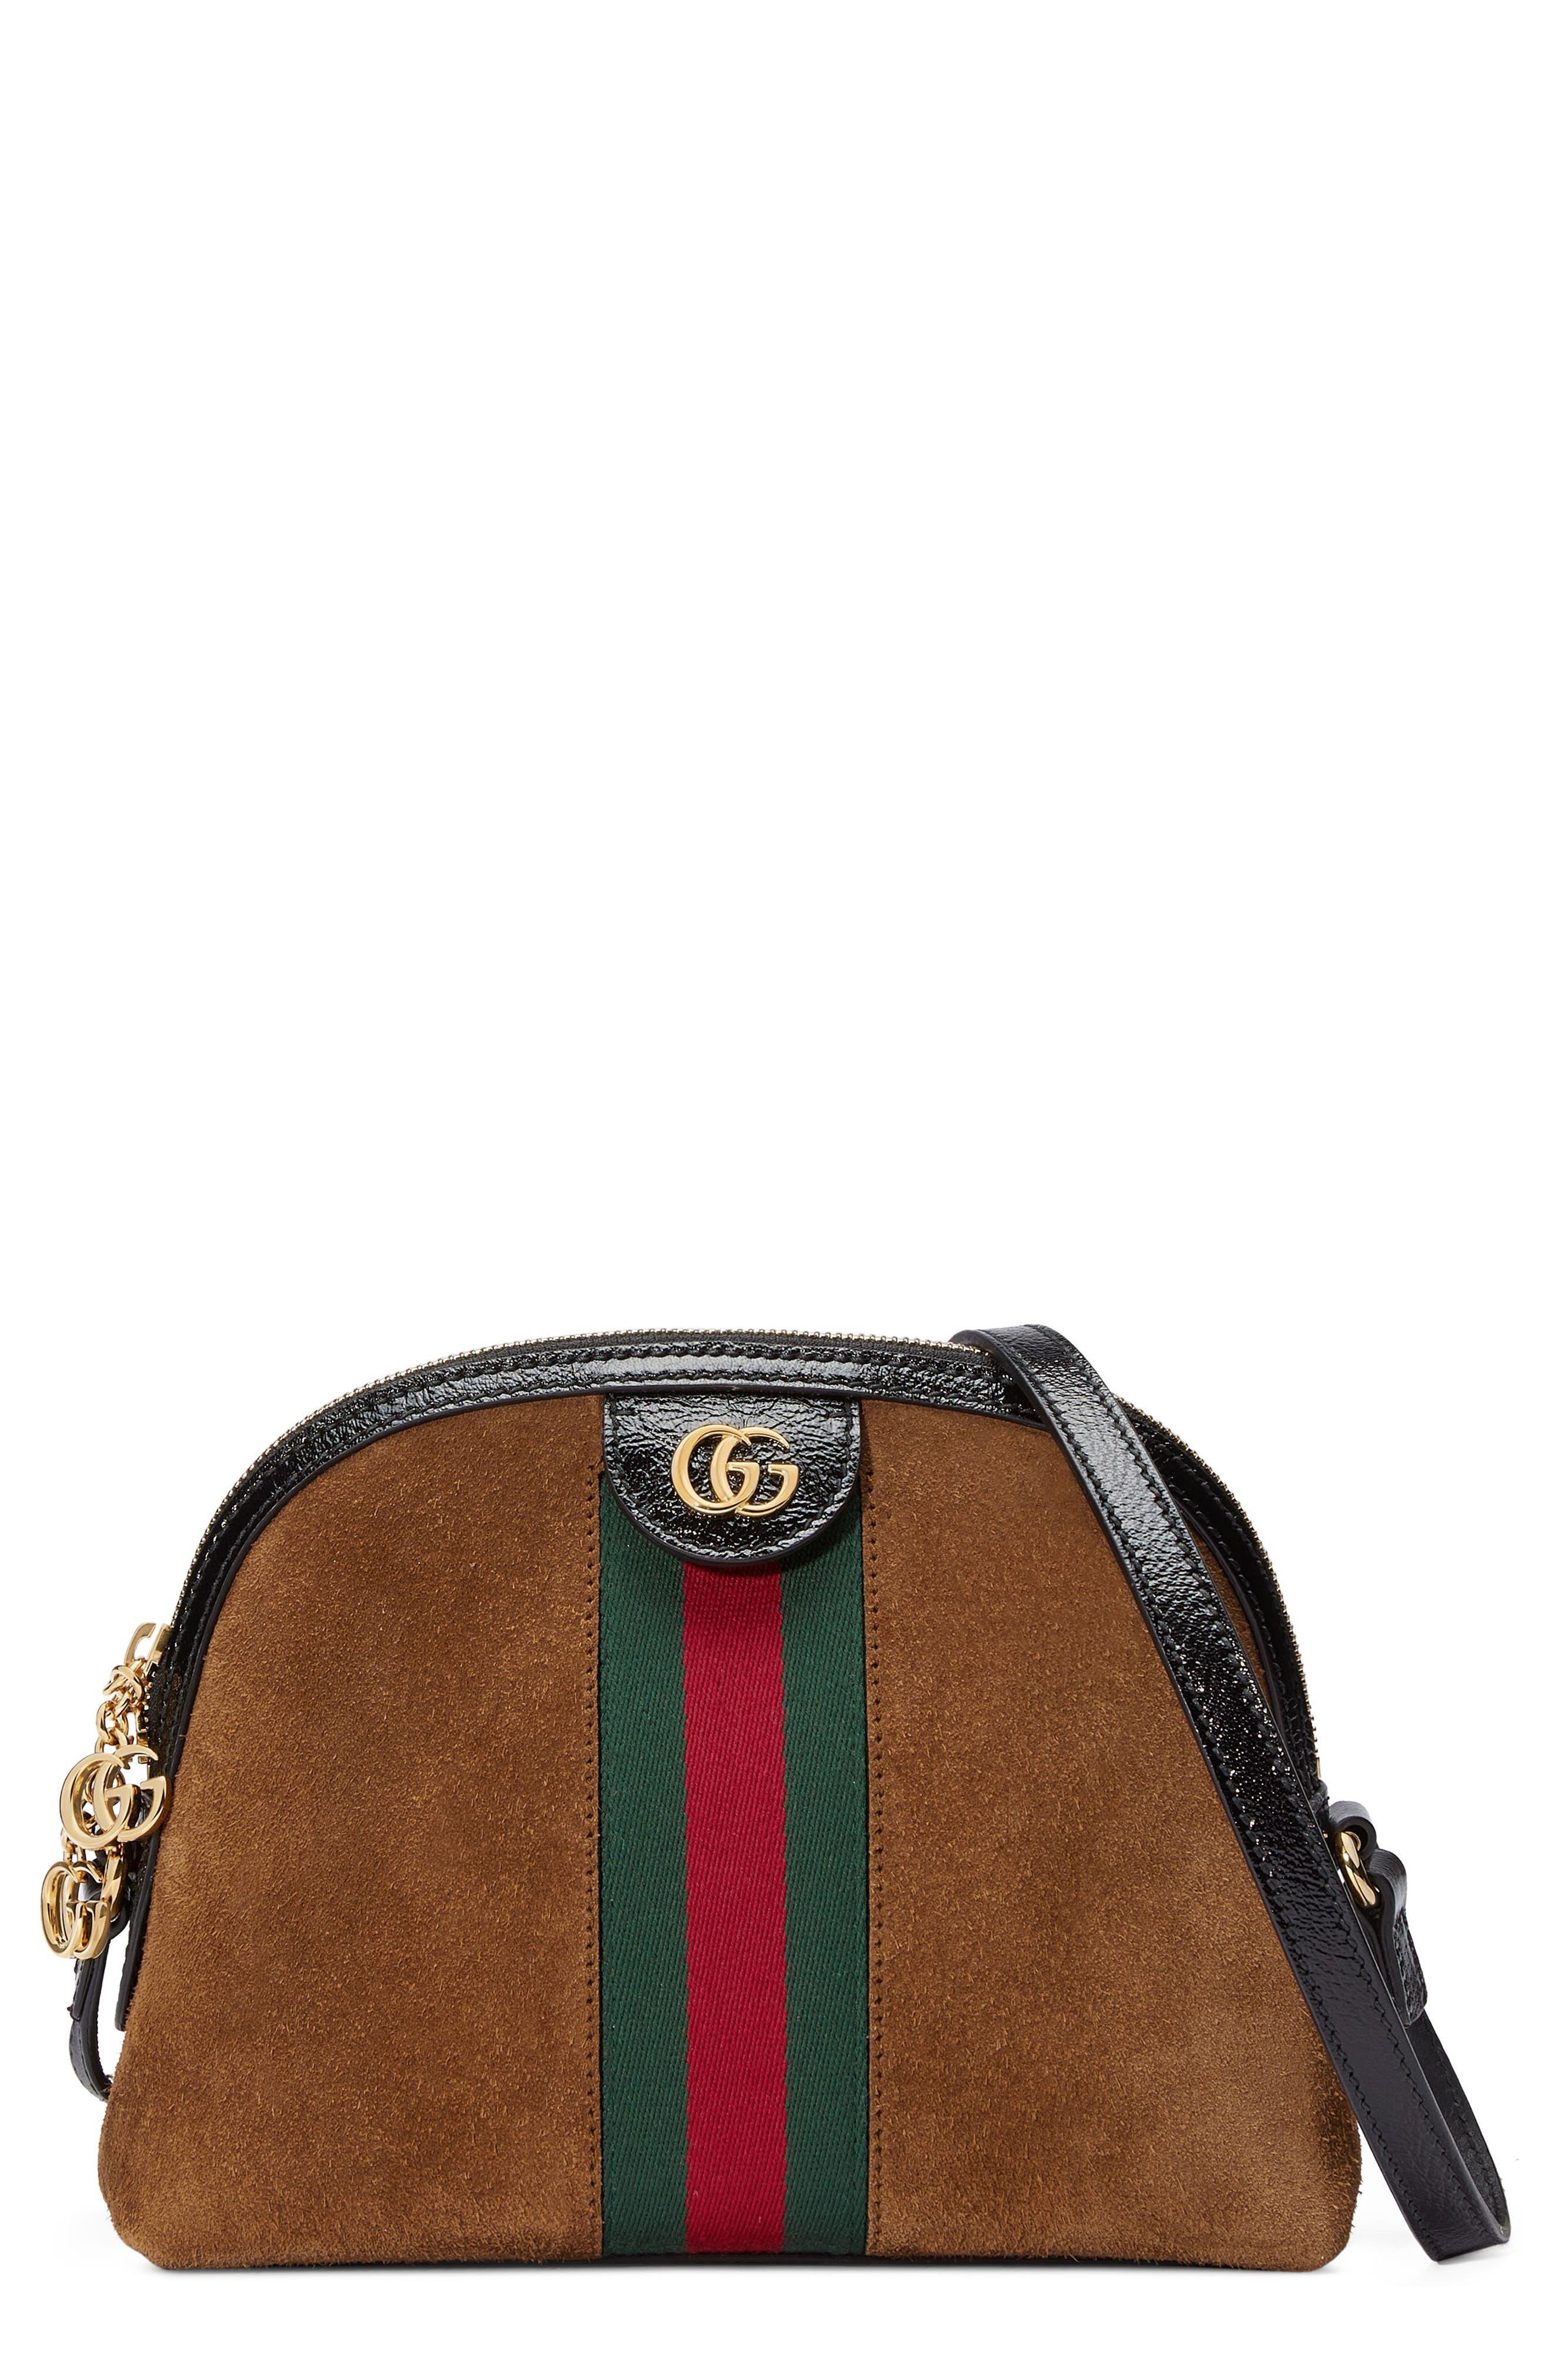 Small Suede Shoulder Bag,                         Main,                         color, Nocciola/ Nero/ Vert Red Vert